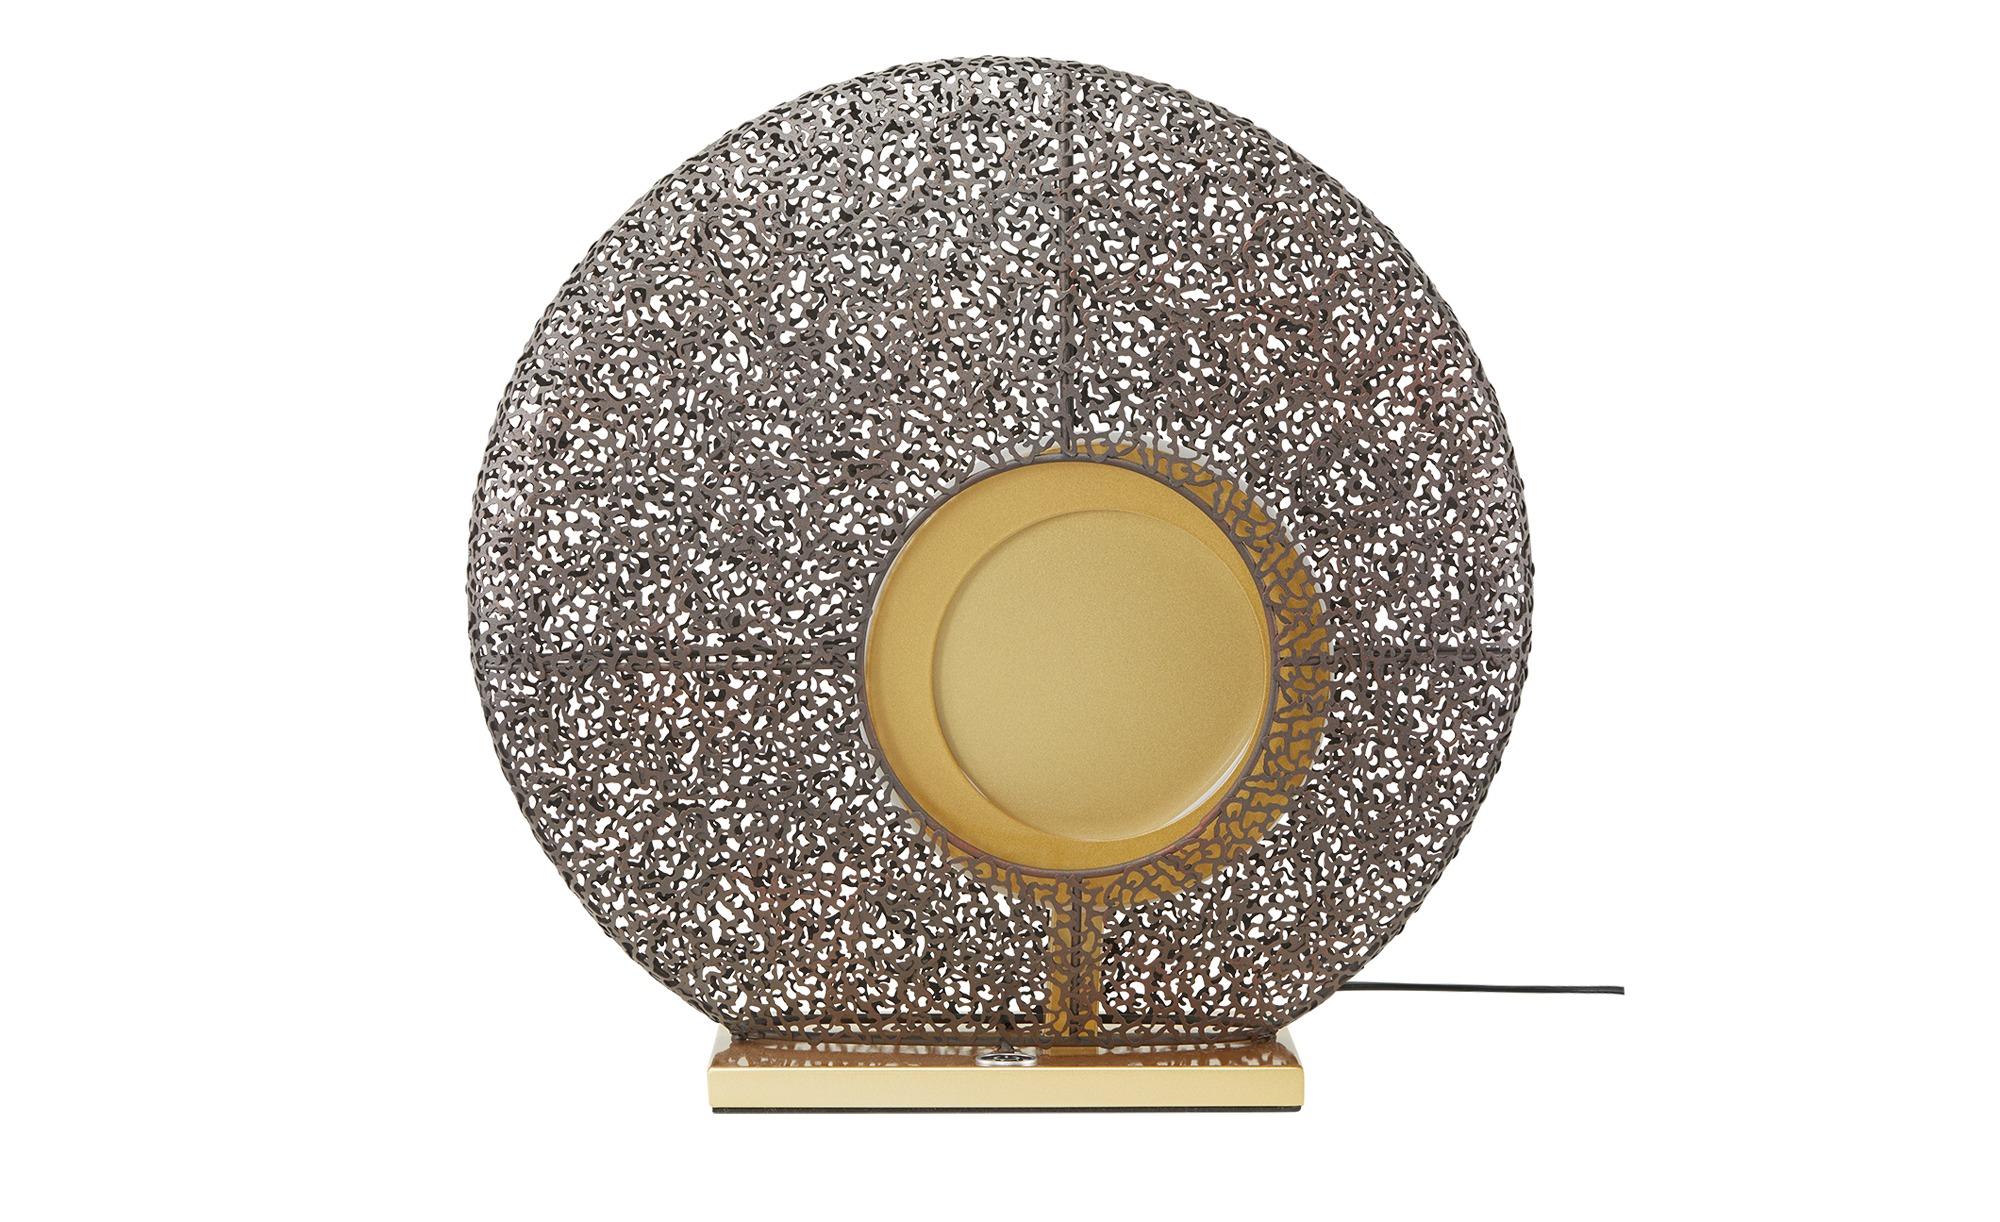 Fischer-Honsel LED-Tischleuchte, 1-flammig, rost -/ goldfarben ¦ gold ¦ Metall ¦ Maße (cm): B: 14 H: 40 Lampen & Leuchten > Innenleuchten > Tischlampen - Höffner